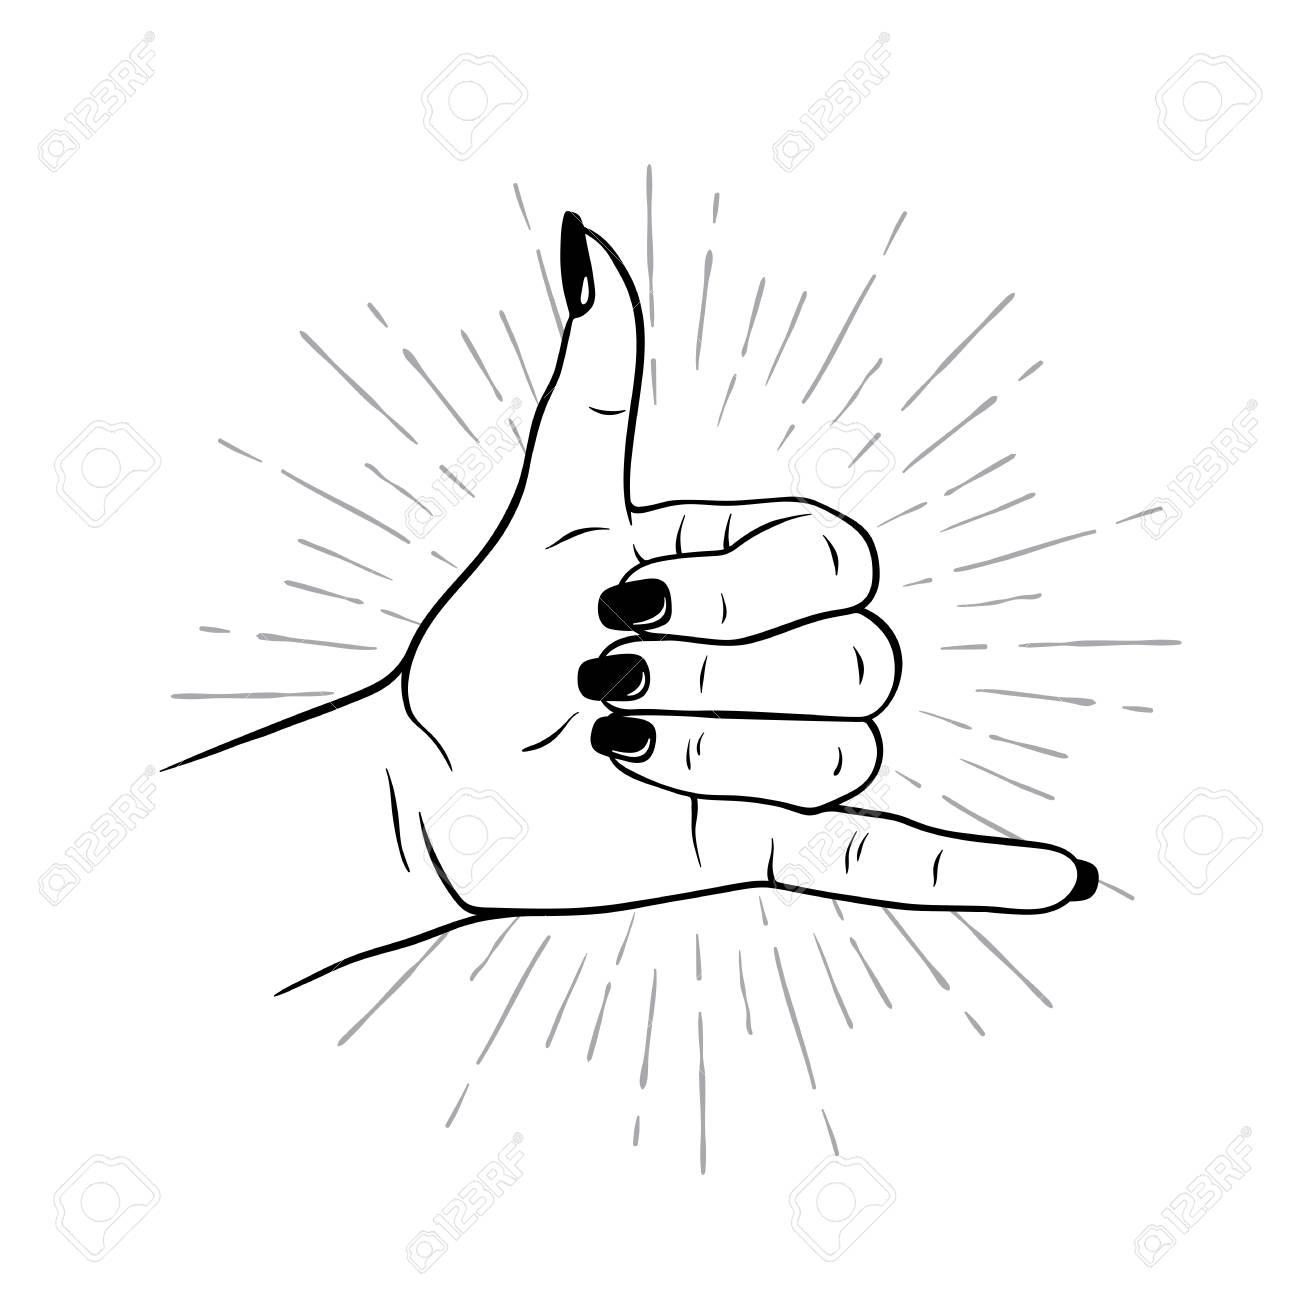 hand drawn female hand in shaka gesture flash tattoo blackwork